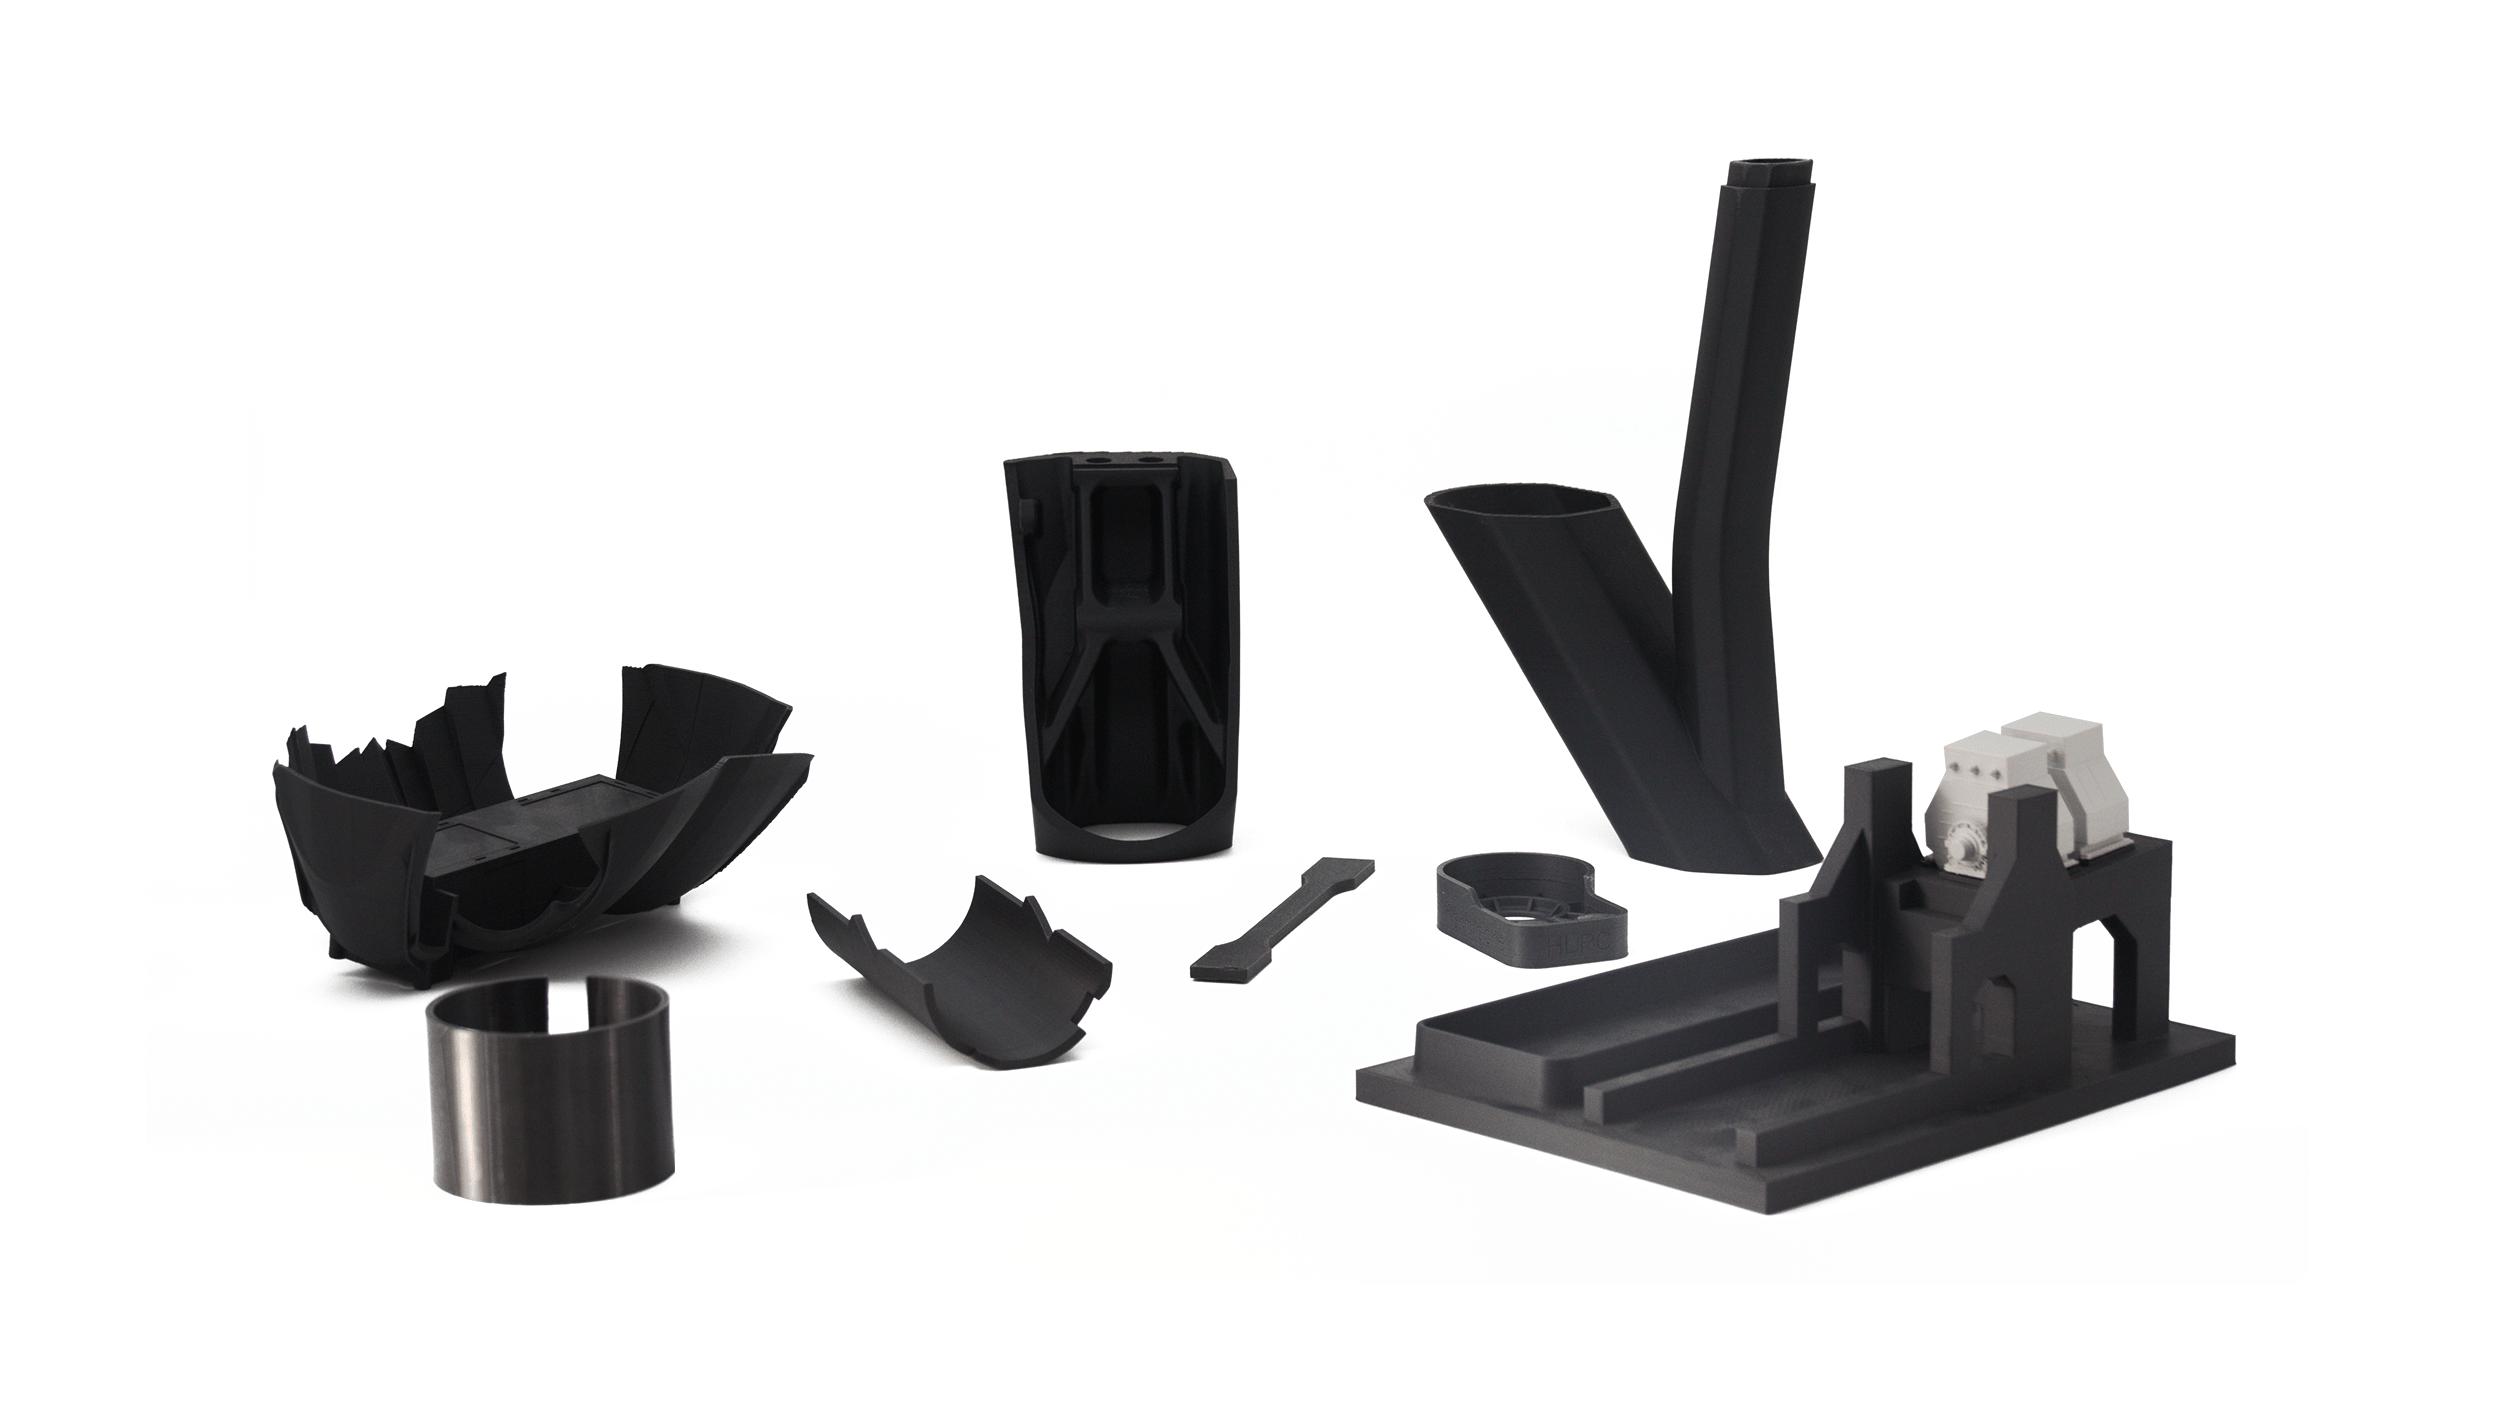 Bauteile mittels Rapid Prototyping Fertigungsverfahren herstellt in schwarz